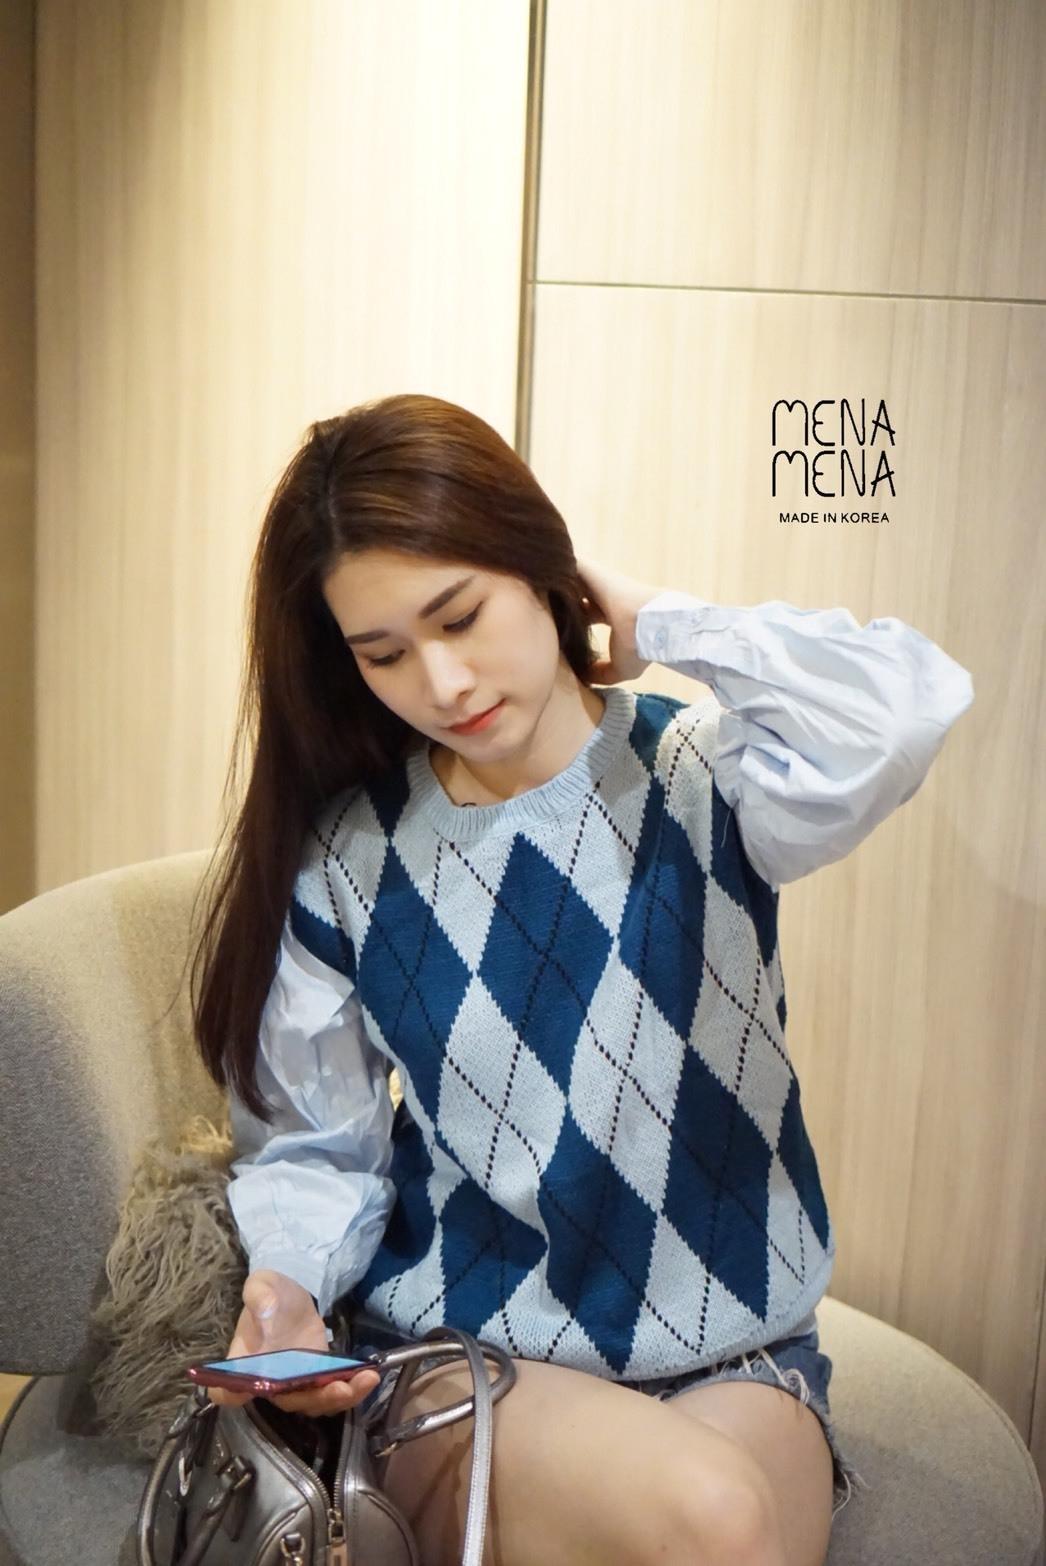 เสื้อผ้าเกาหลีพร้อมส่ง งานดีผ้าไม่คันใส่สบาย เหมือนจบจากไฮสคูลที่ บอสตันเลยจ้า